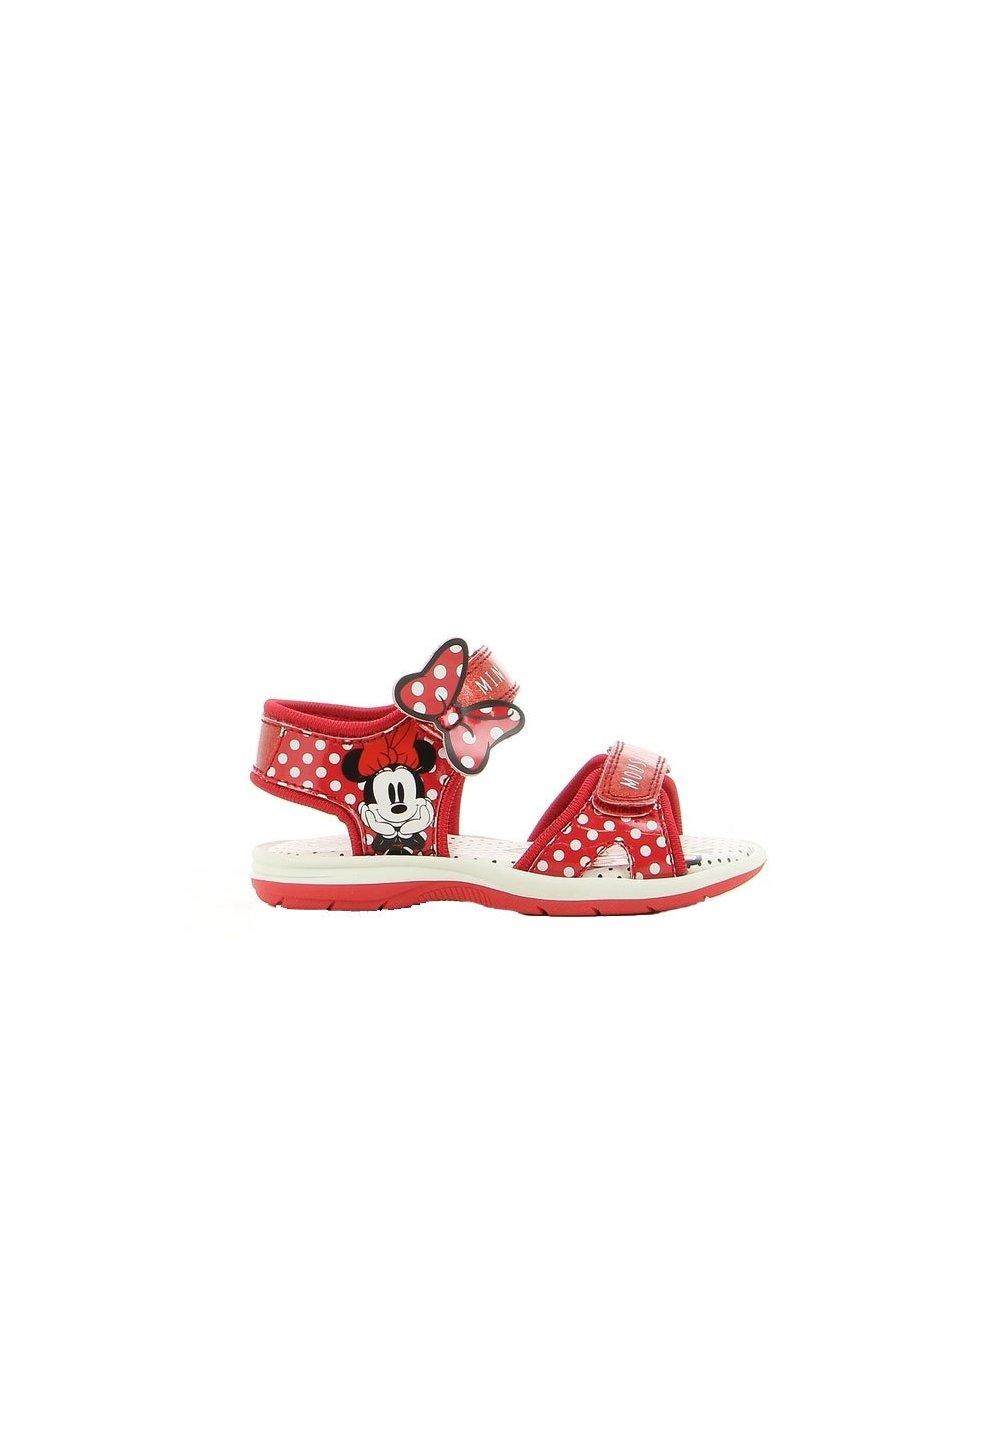 Sandale, Minnie Mouse, rosii cu buline albe imagine